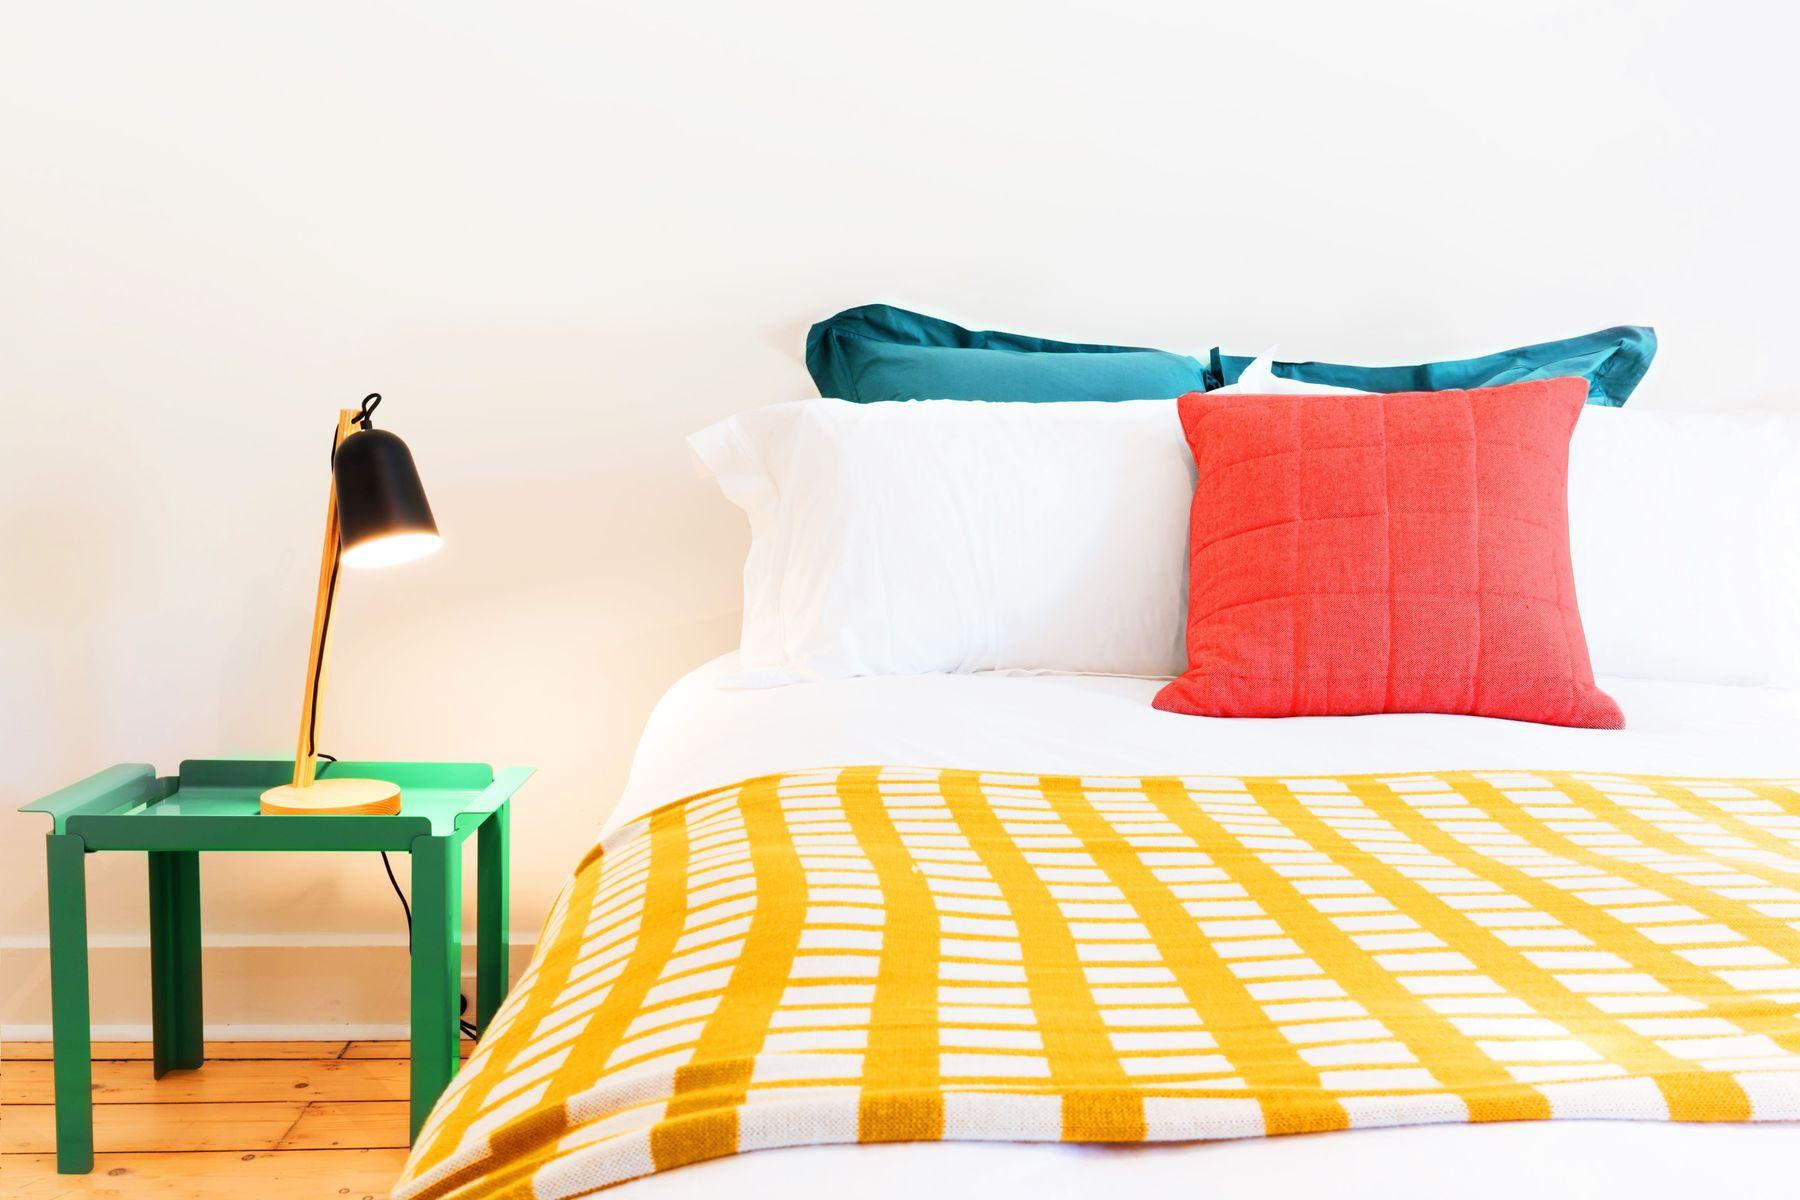 lit avec drap de lit rayé blanc et jaune et table de chevet verte avec abajour noir